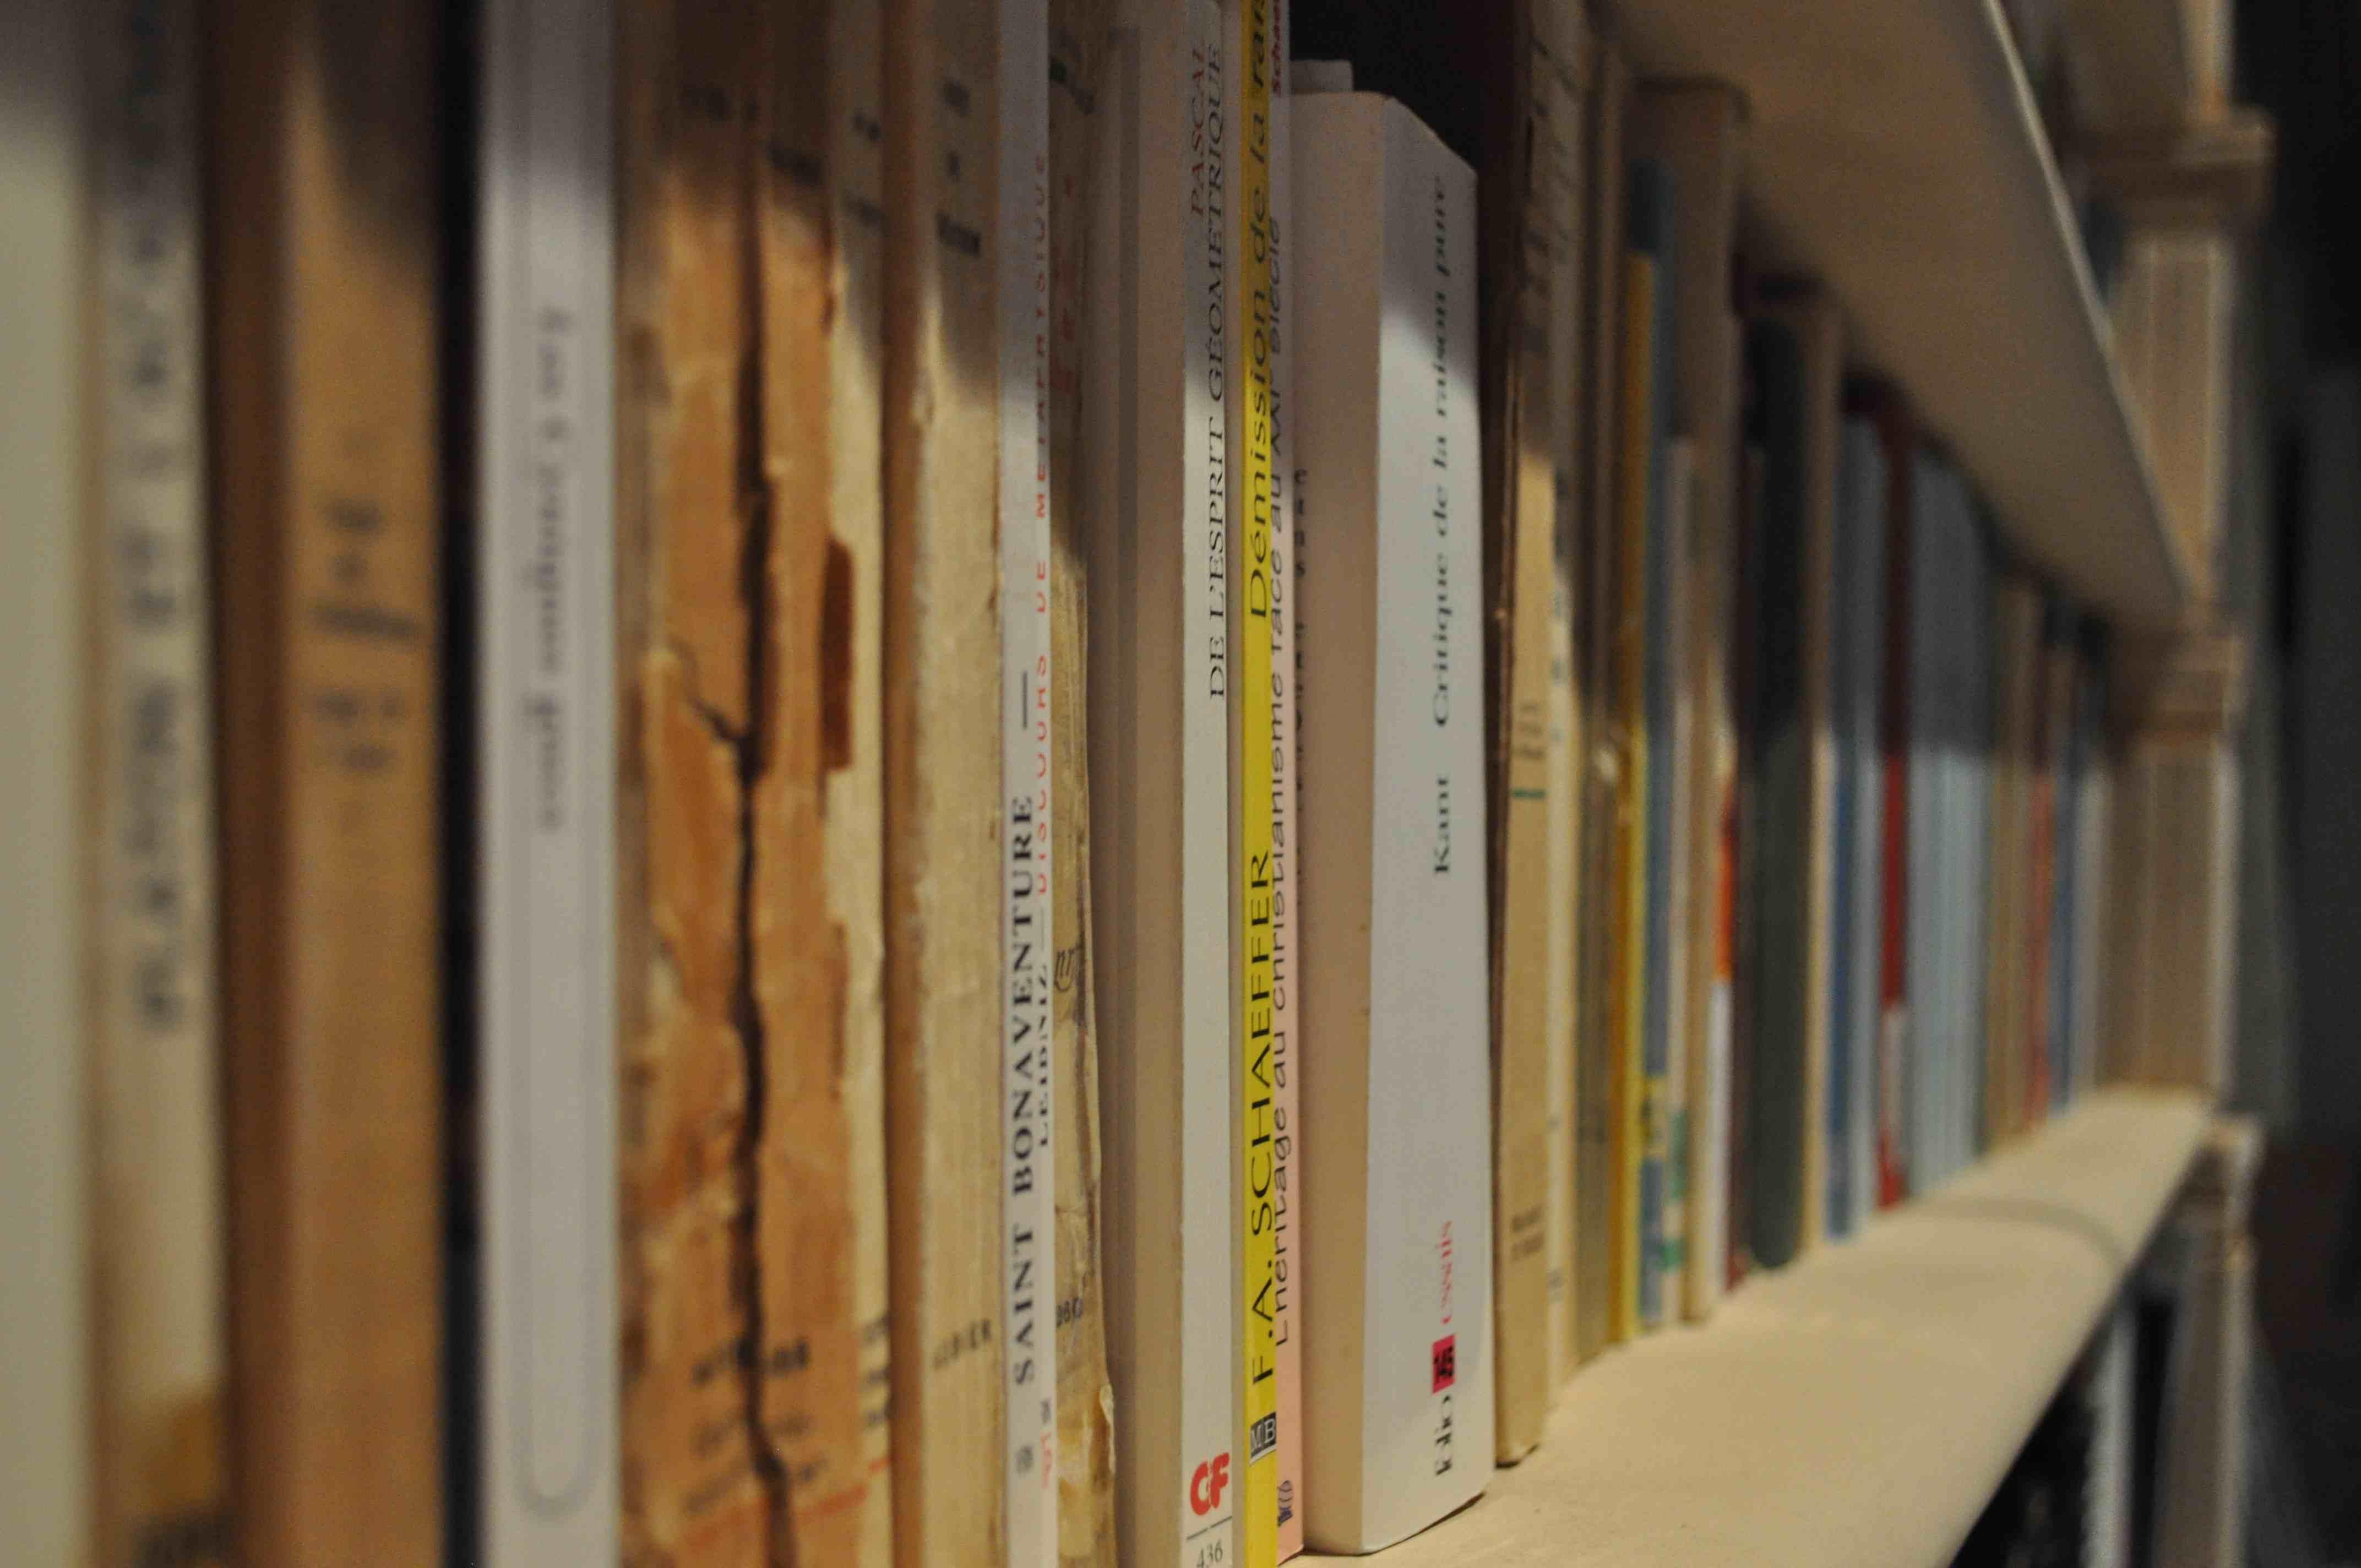 seminaire-la-litterature-une-affaire-politique